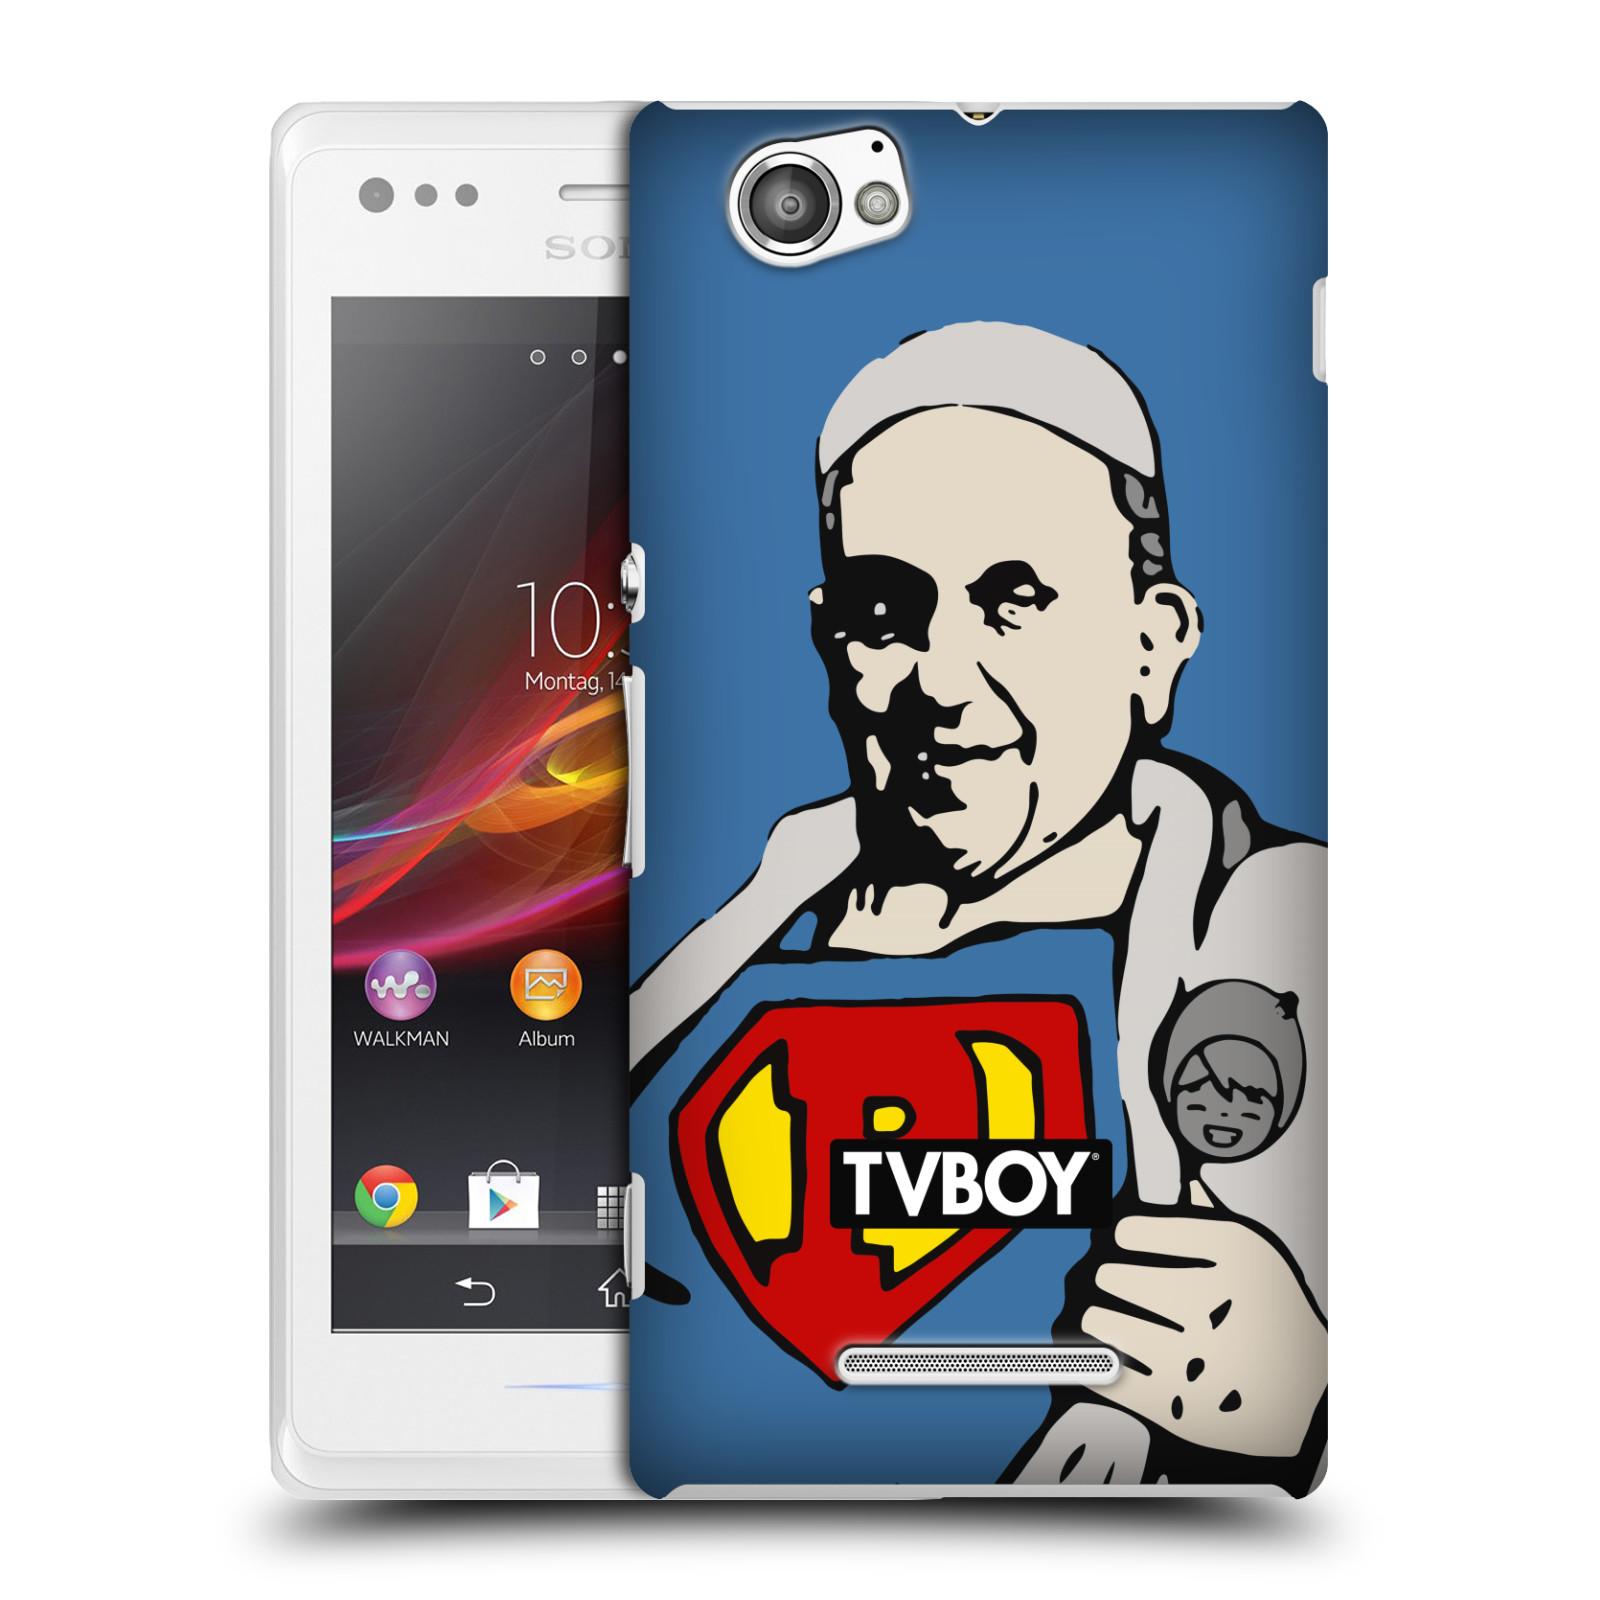 Plastové pouzdro na mobil Sony Xperia M C1905 HEAD CASE - TVBOY - Super Papež (Kryt či obal na mobilní telefon s licencovaným motivem TVBOY pro Sony Xperia M )